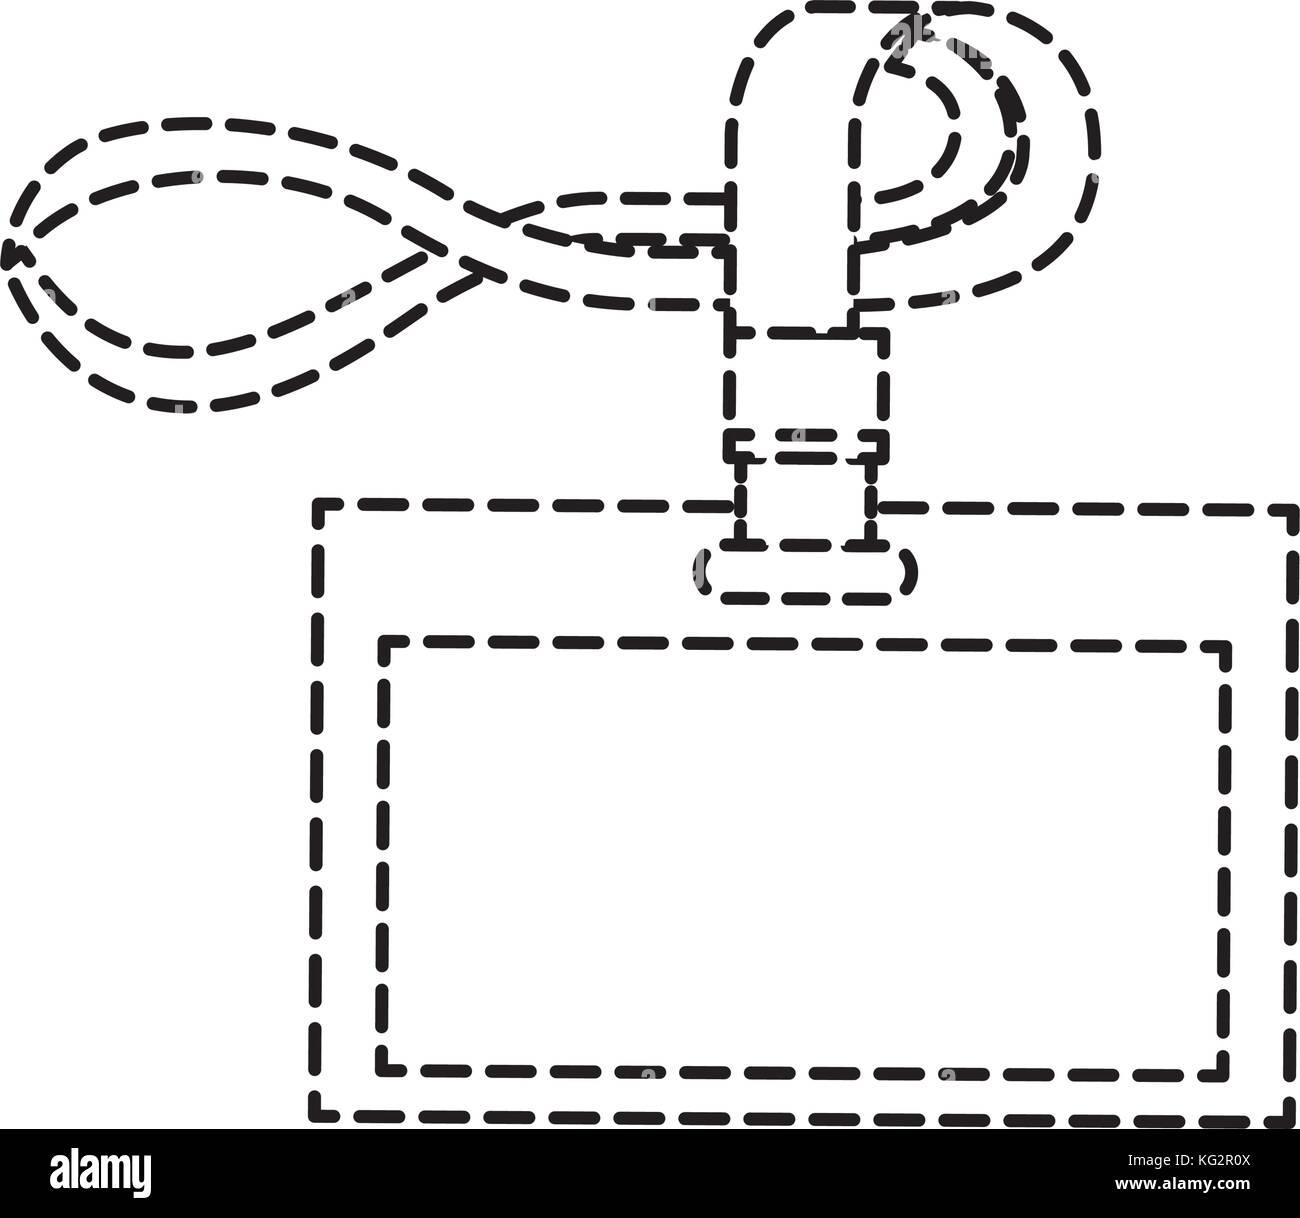 Oficina corporativa id plantilla marca cordón Ilustración del Vector ...